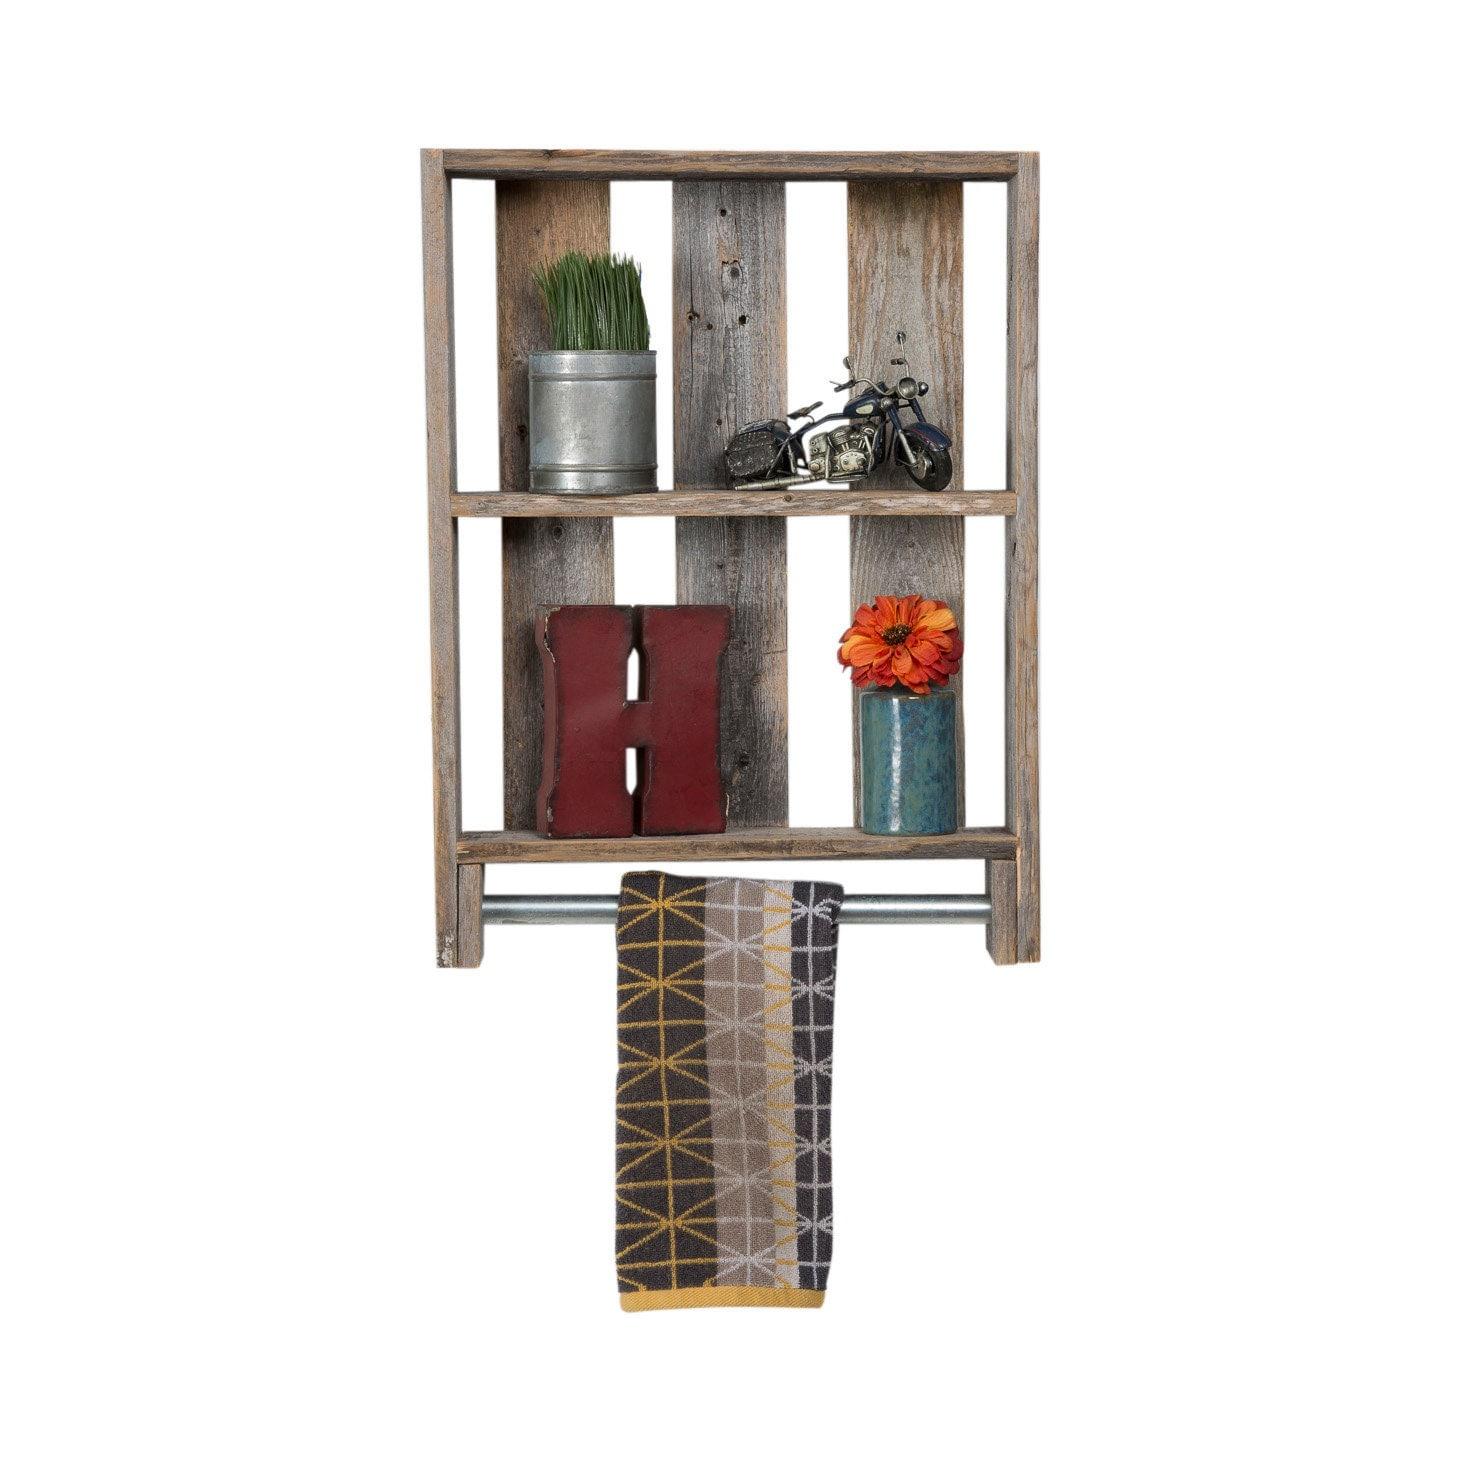 Wooden Shelves For Bathroom: Reclaimed Wood Bathroom Shelf